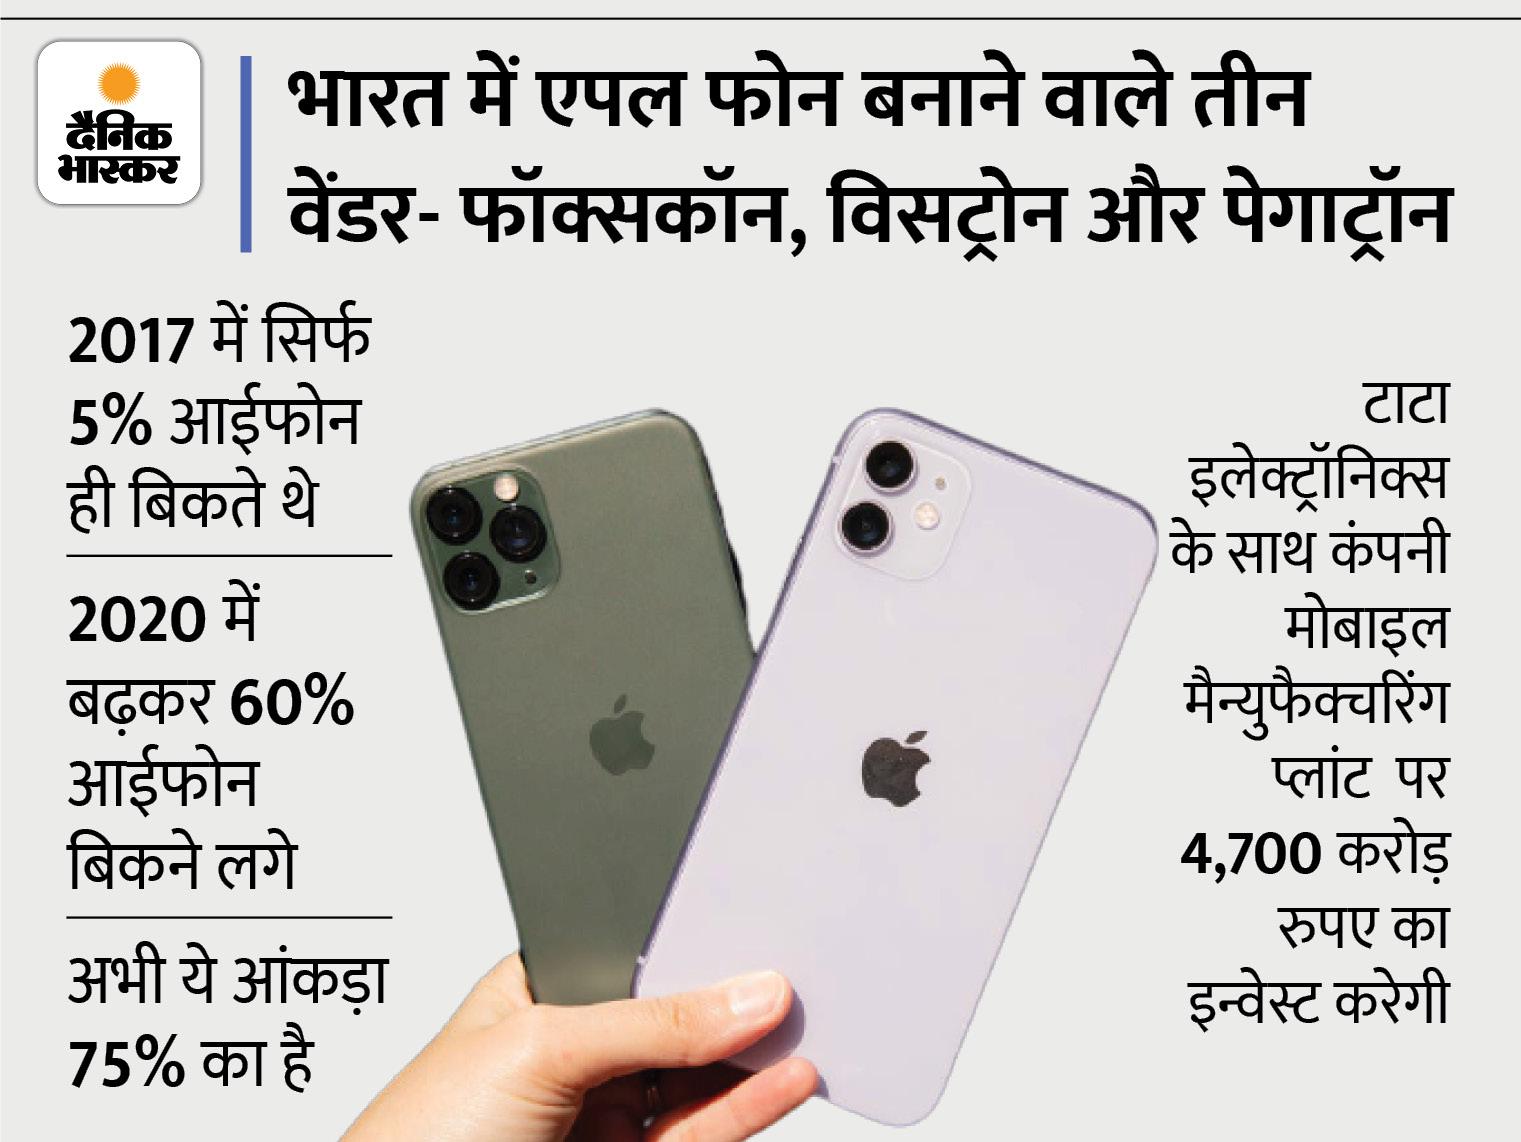 भारत में बिकने वाले70% आईफोन यहां पर ही हो रहे तैयार, कंपनी देश में प्रोडक्शन बढ़ाने के लिए 4,700 करोड़ रुपए इन्वेस्ट करेगी टेक & ऑटो,Tech & Auto - Dainik Bhaskar